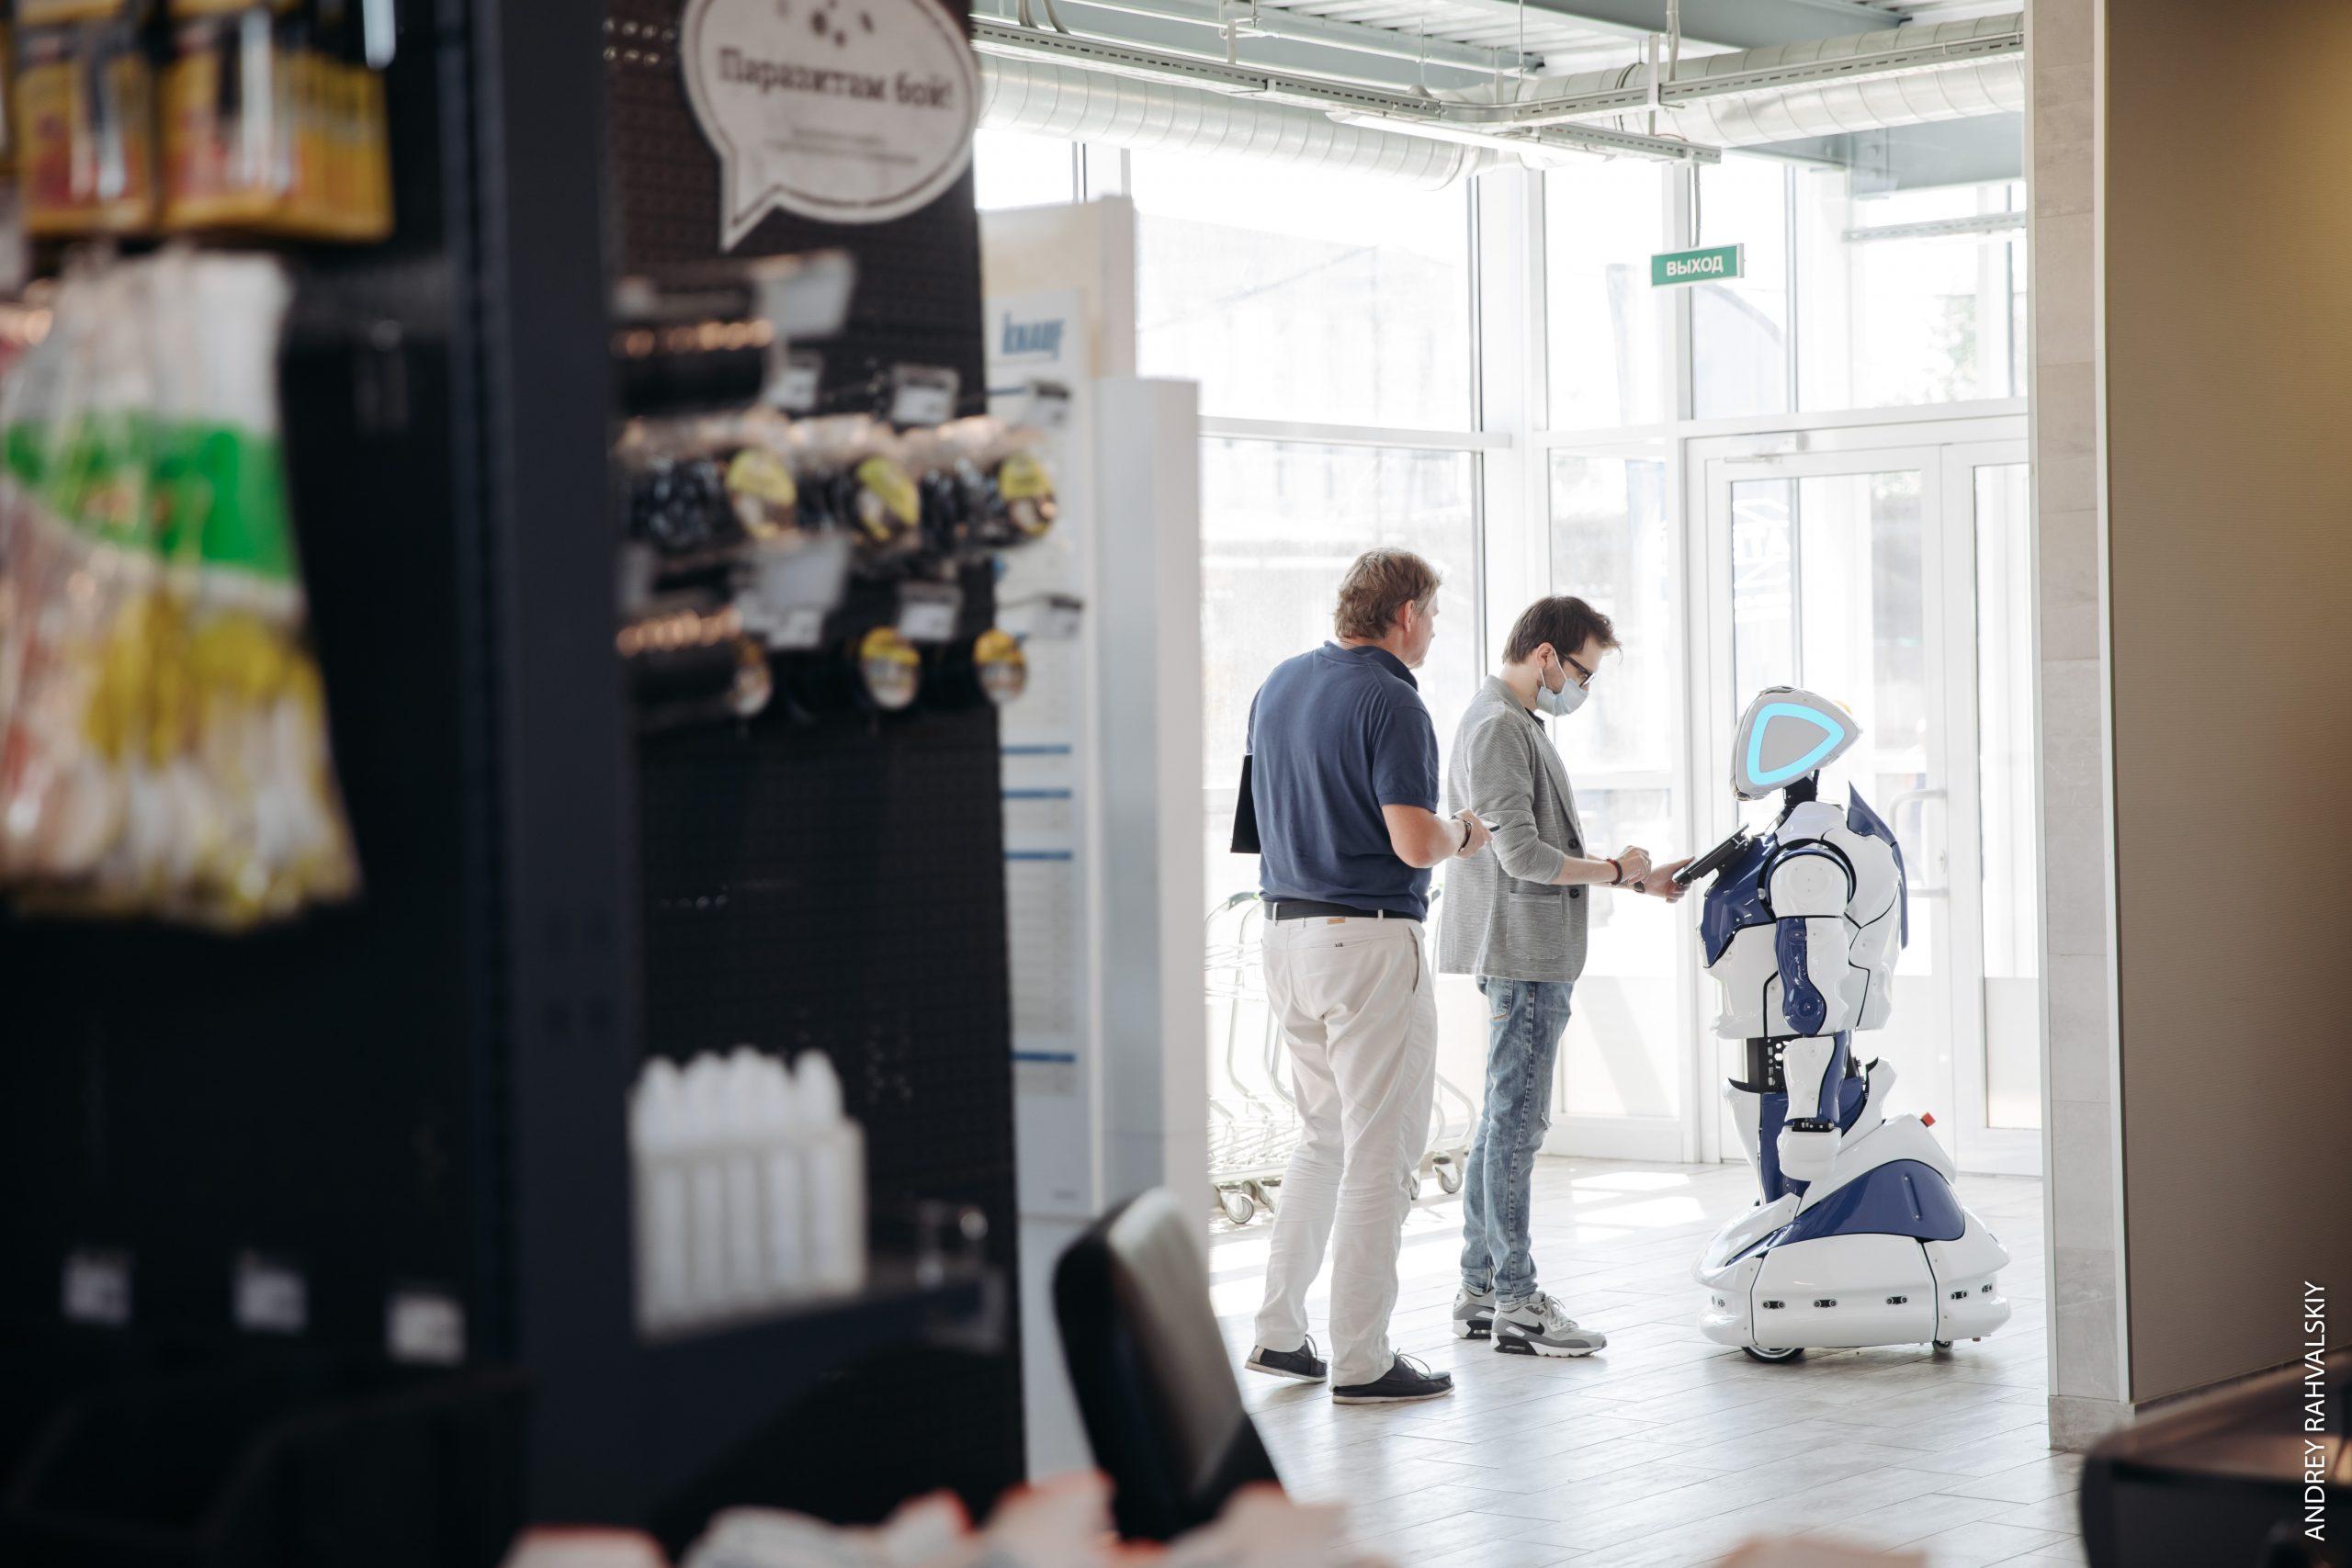 Робот промобот общается с посетителями на входе в строительный магазин